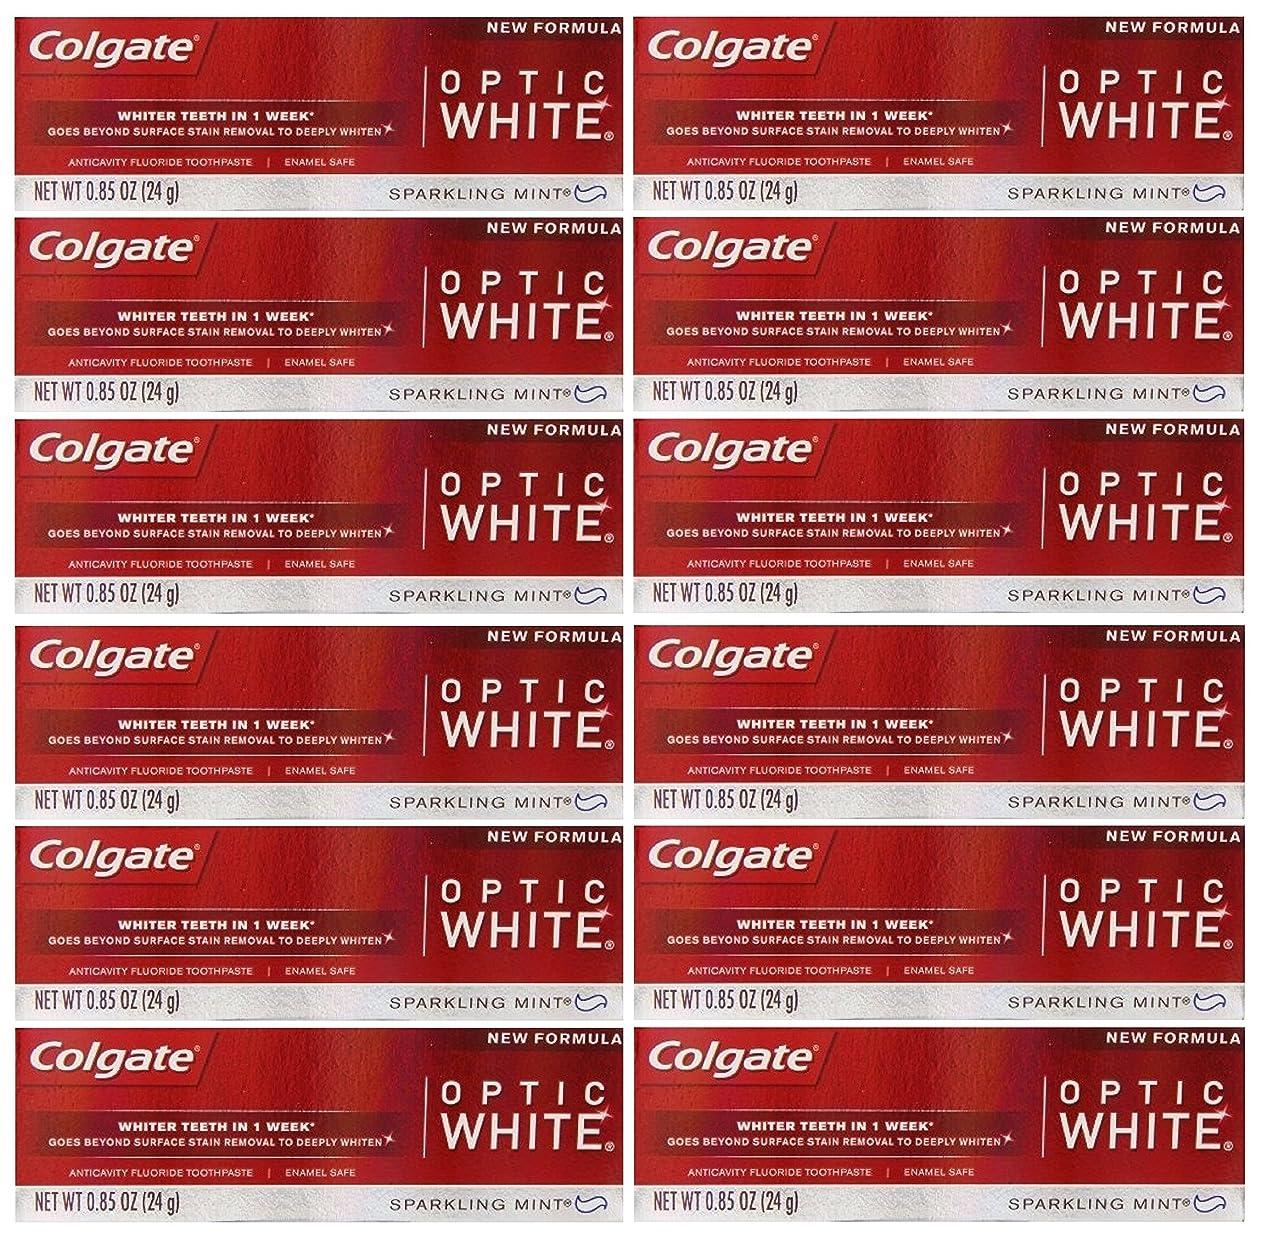 そこからぜいたくラウズColgate 12パック - ハミガキ、スパークリングホワイト、スパークリングミント、トラベルサイズ0.85オンスホワイトニングオプティックホワイト歯